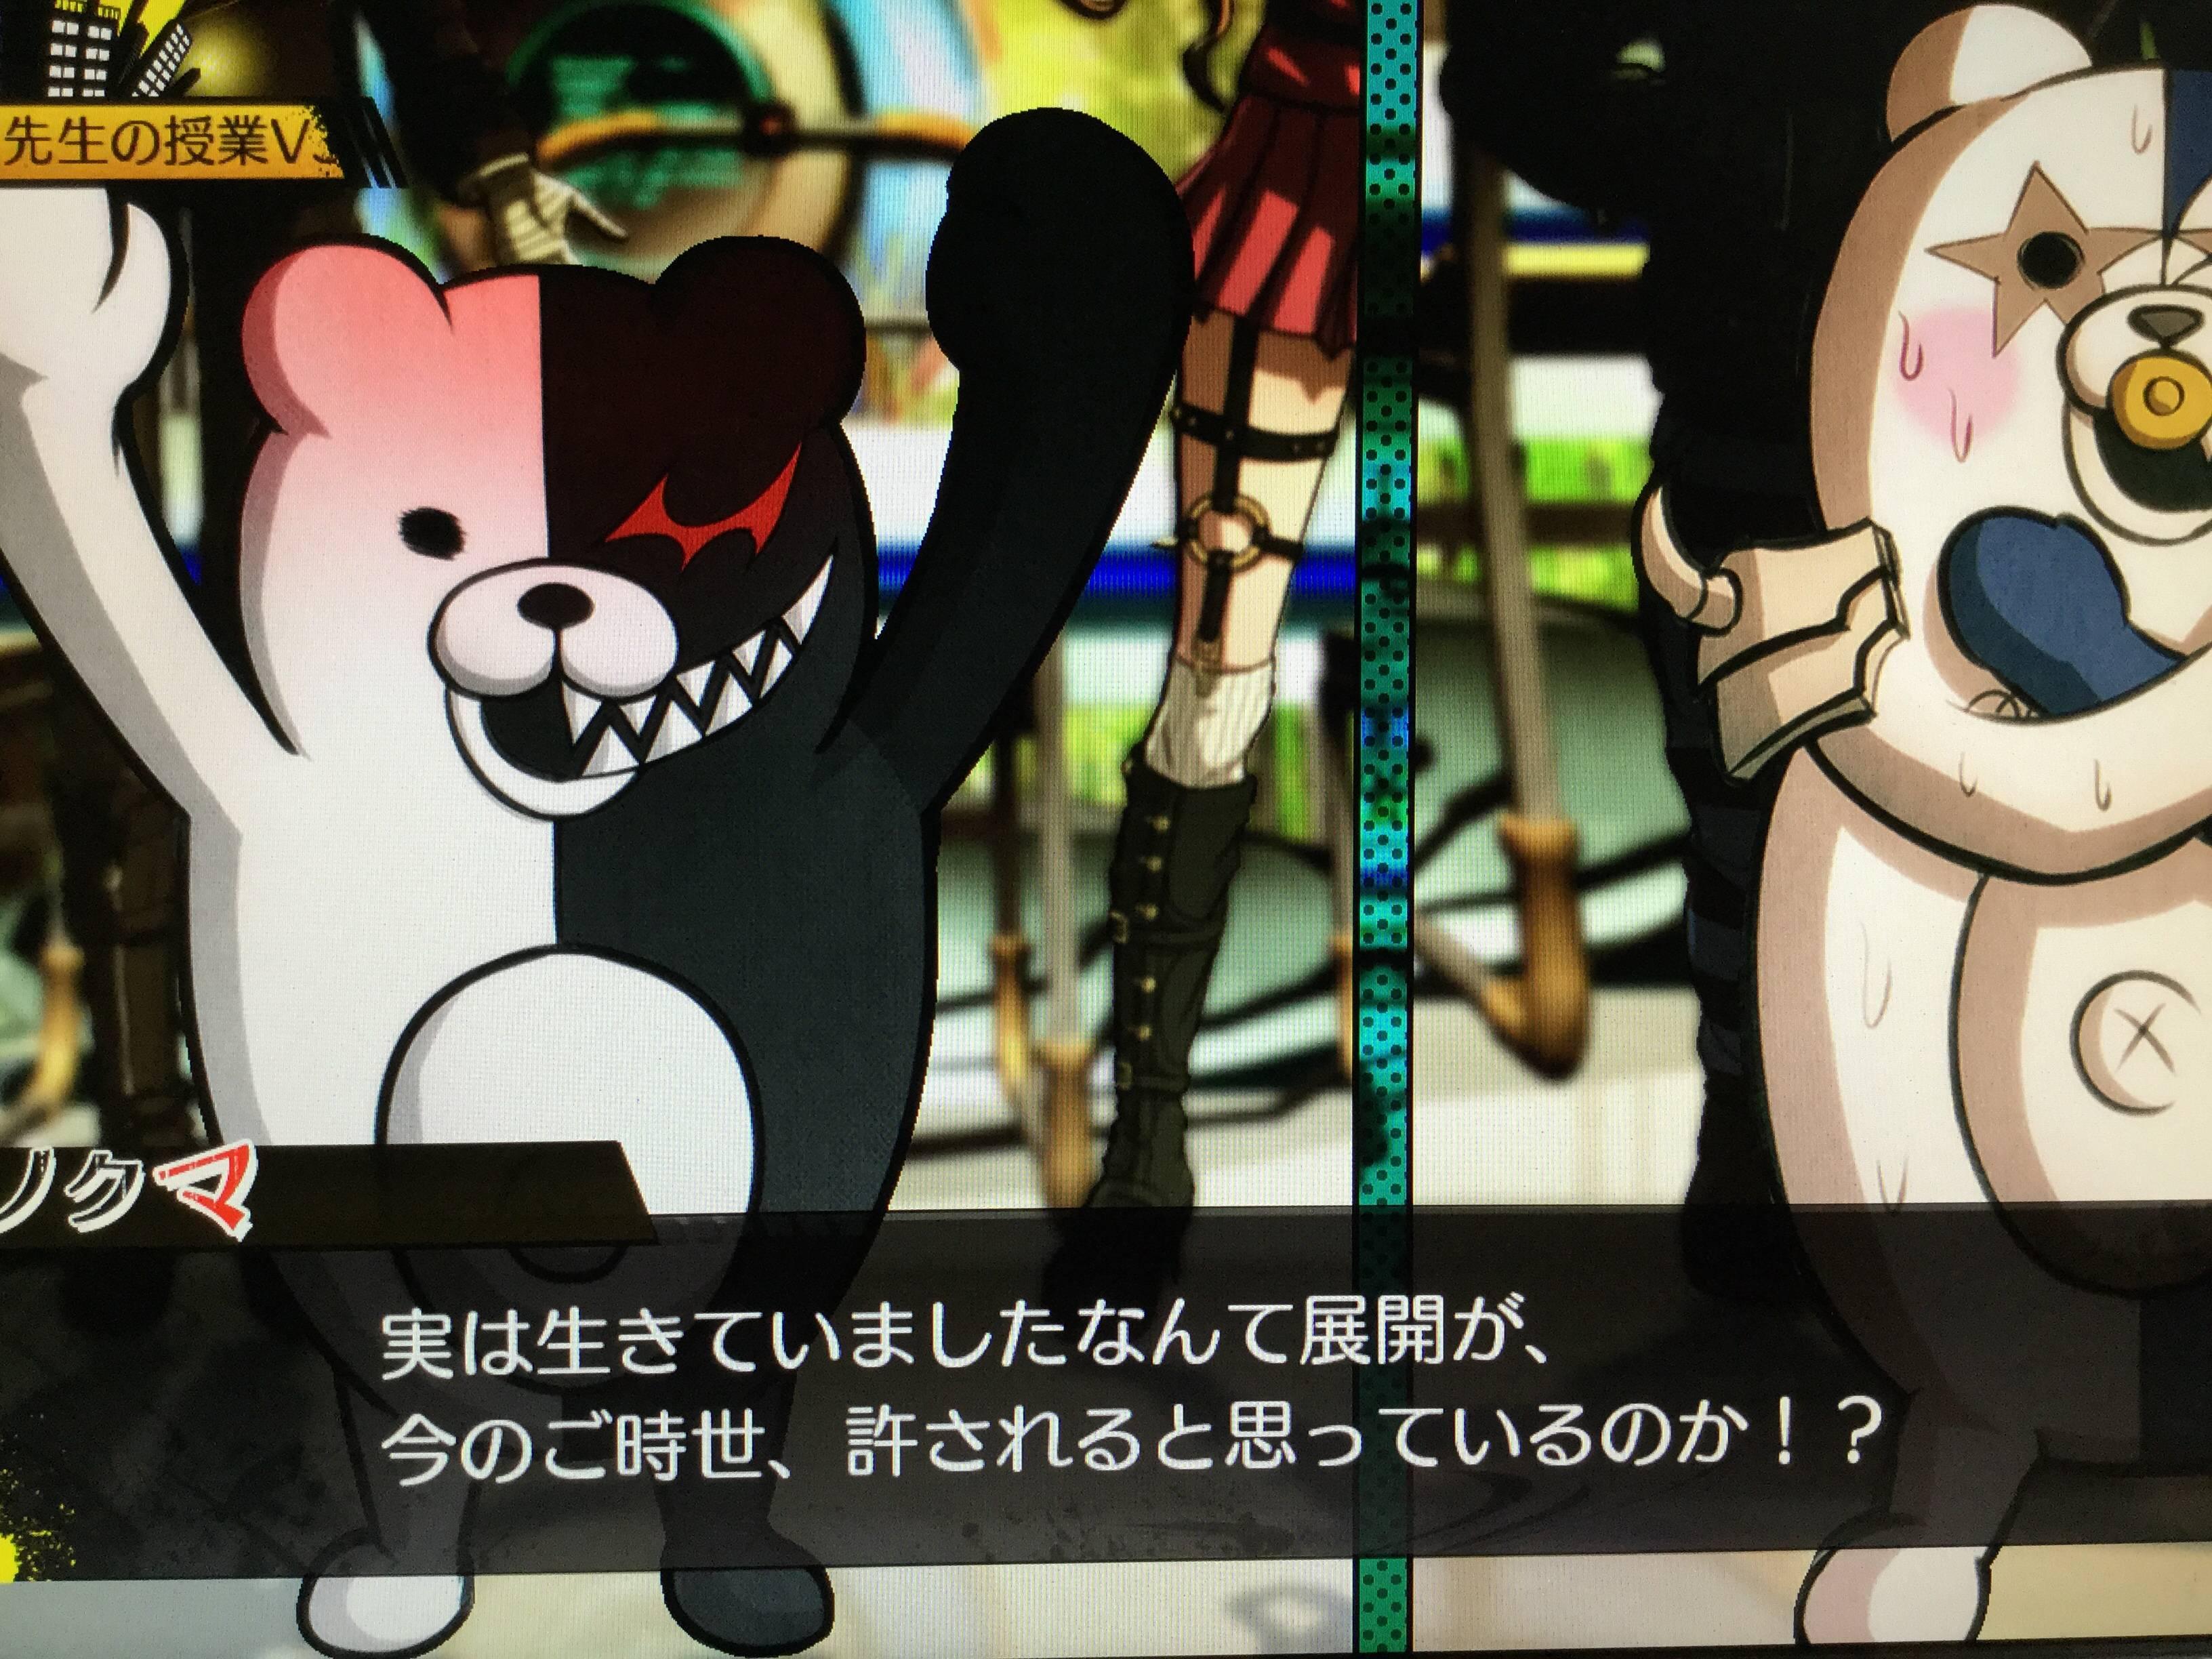 toro-1484117176-109-1.jpg